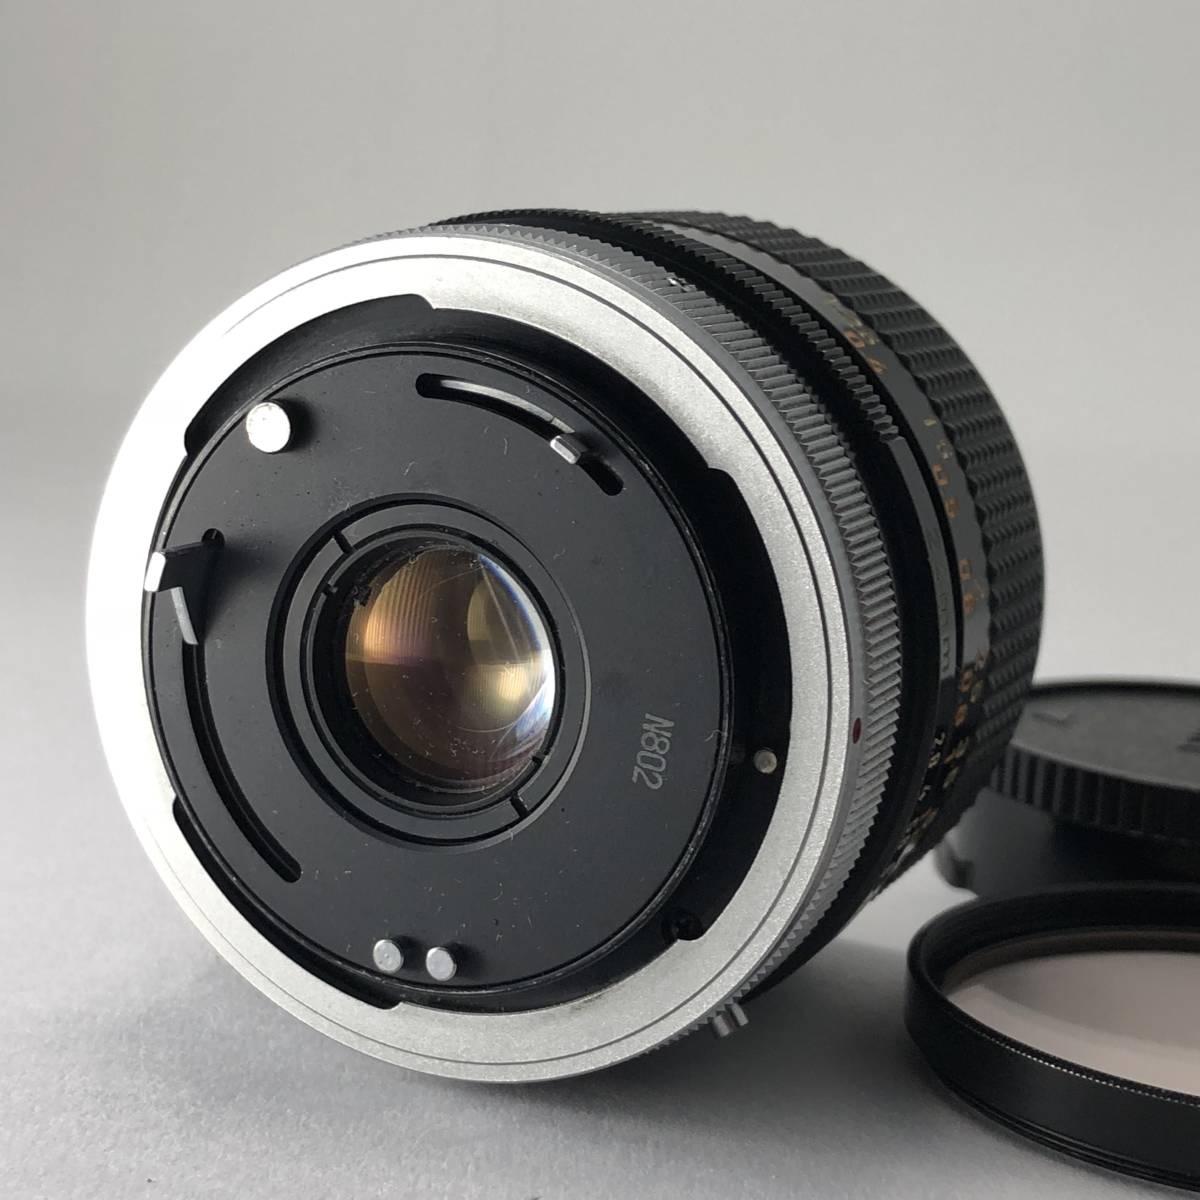 キャノン Canon FTb カメラ FD S.S.C. SSC 50mm 1.4 / FD S.S.C. SSC 24mm 2.8 / FD 35-105mm 3.5 レンズ セット no.A1_画像7